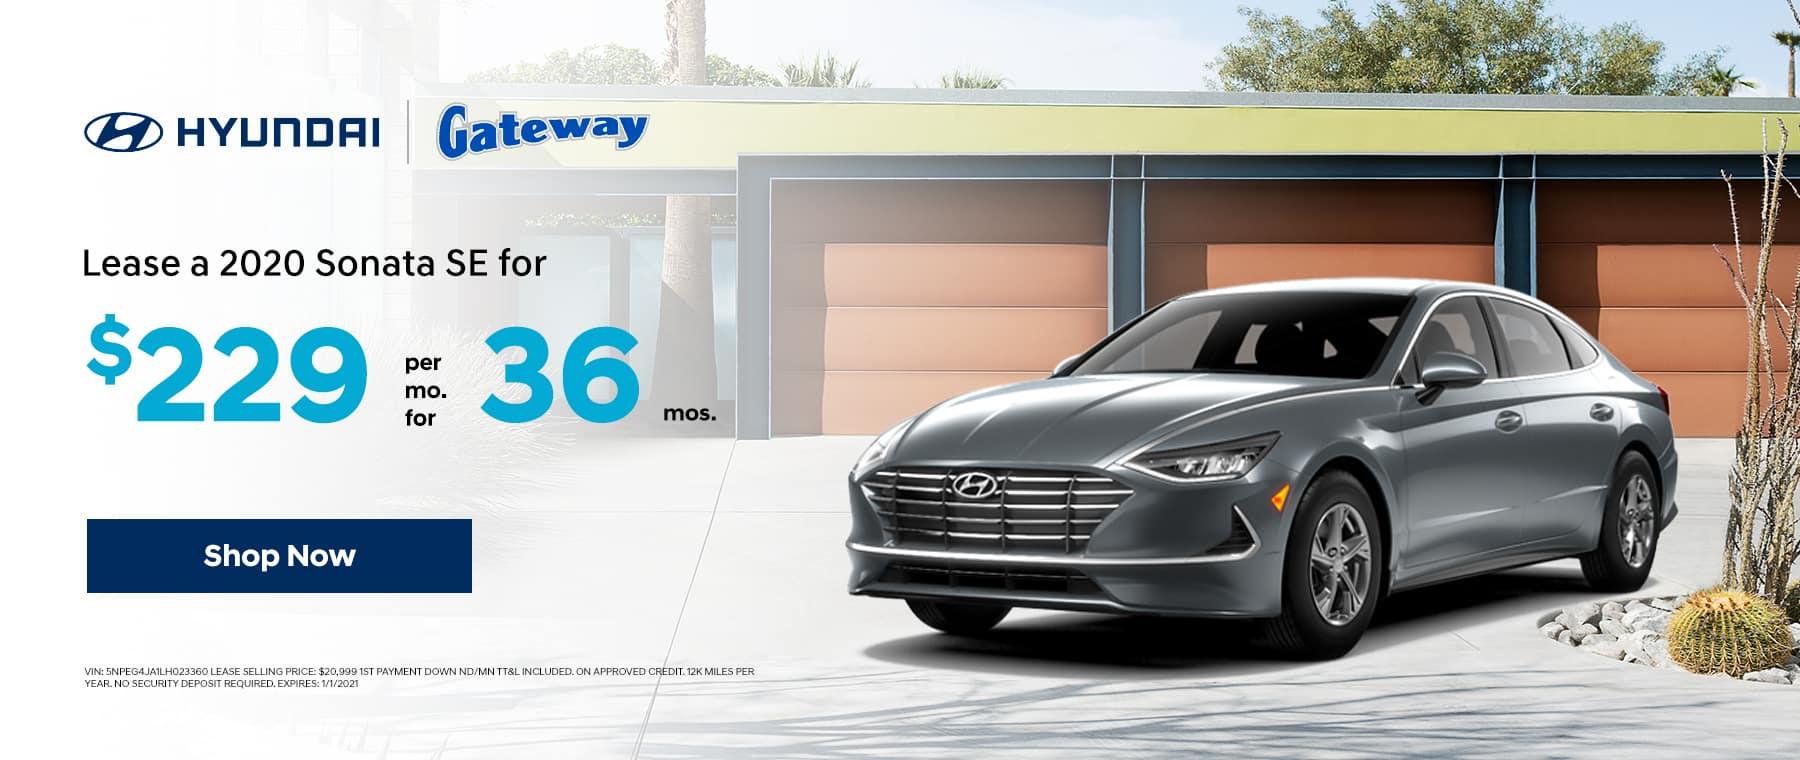 GatewayAutomotive_SL_0220_1800x760 (29)